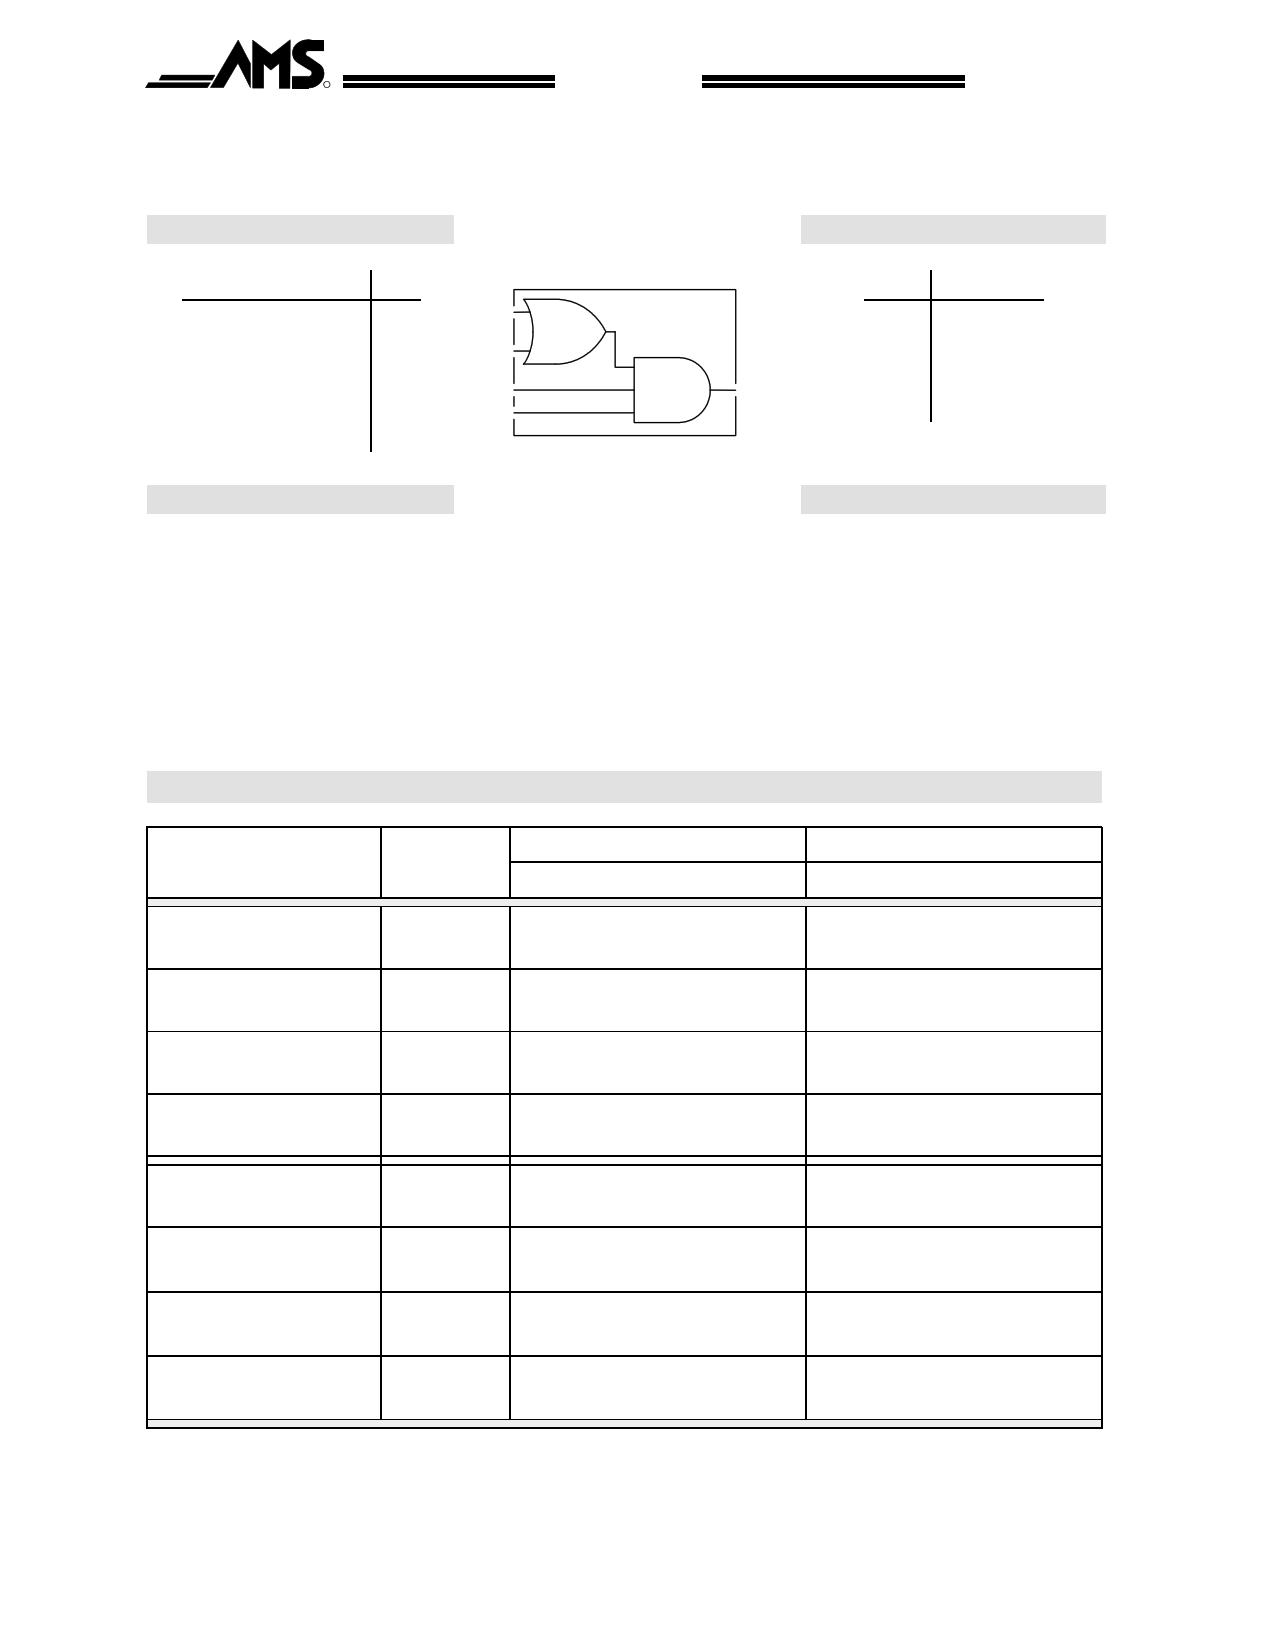 OA211 datasheet